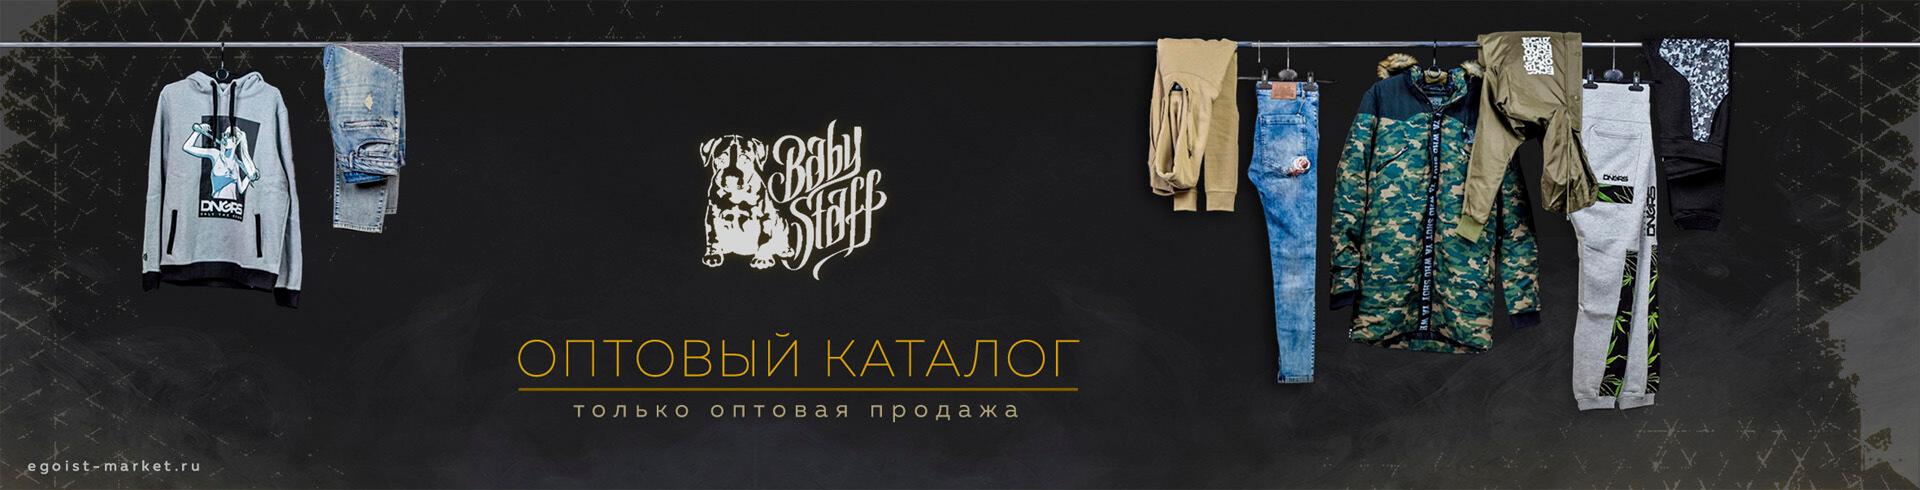 Качественная фирменная одежда для мужчин и подростков мальчиков Amstaff оптом с доставкой из Германии в Россию.